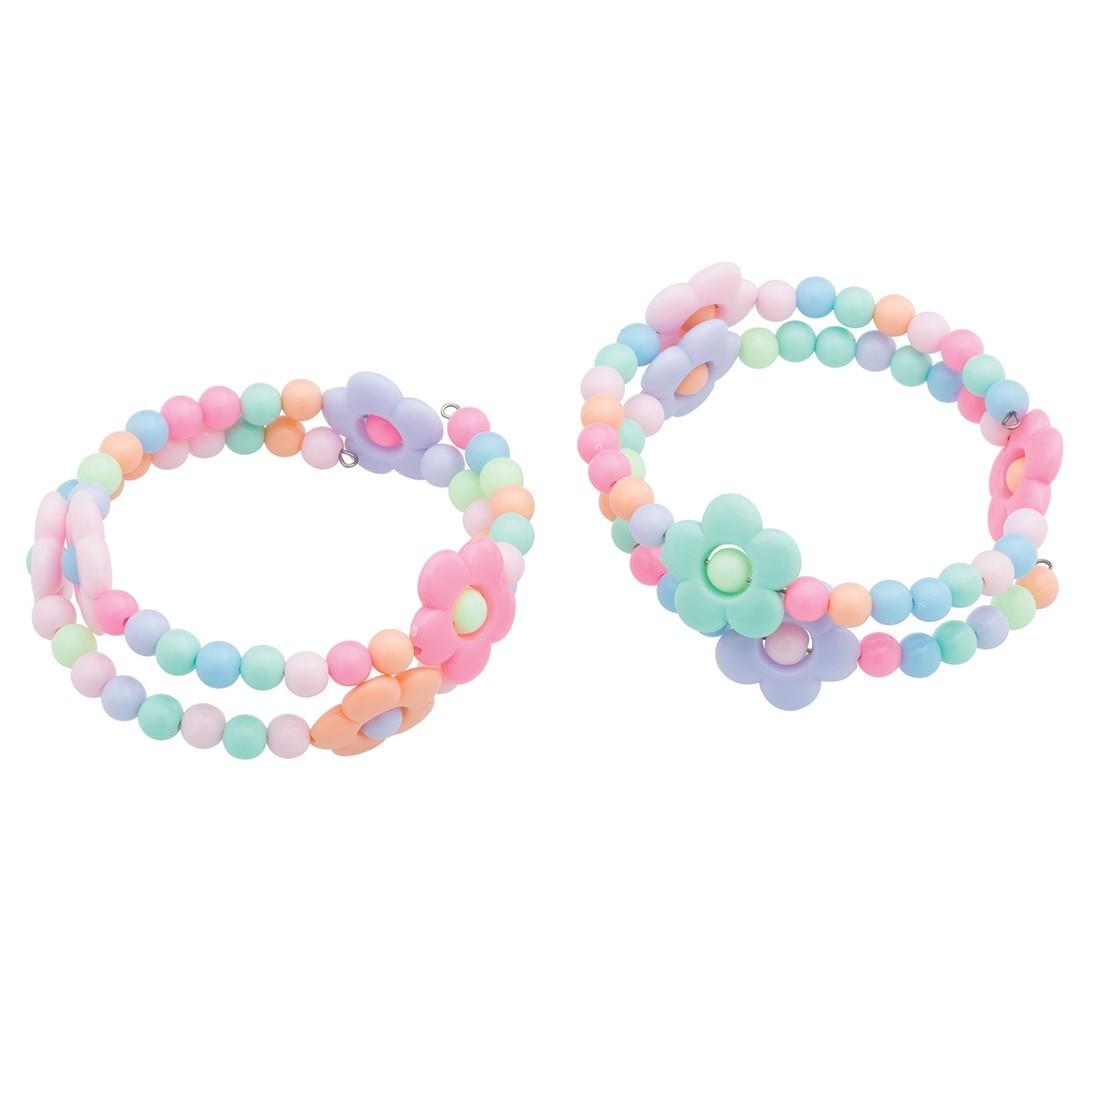 Flower Bead Coil Bracelets [image]